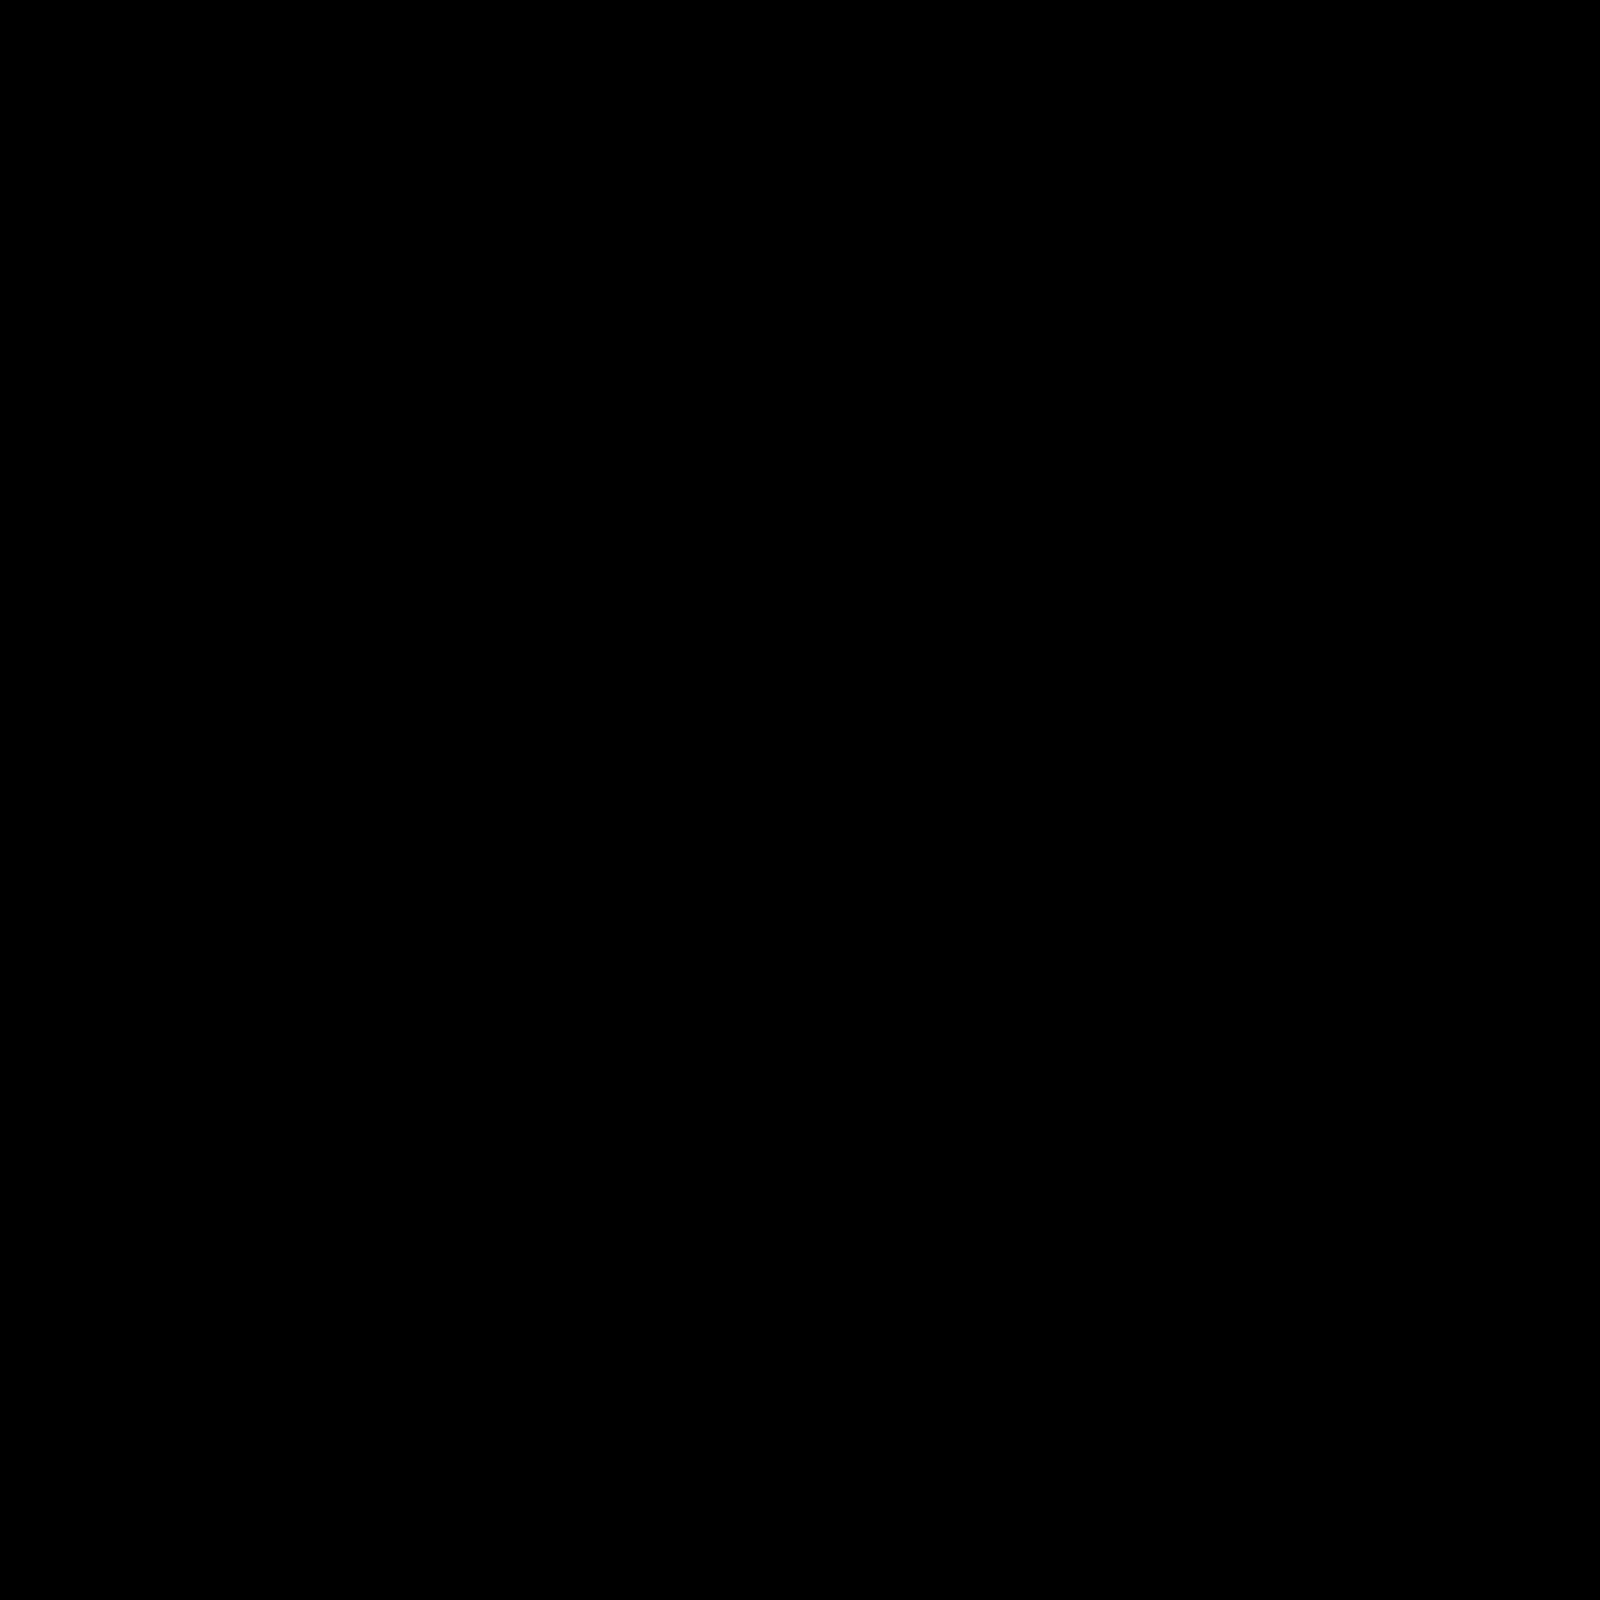 """Résultat de recherche d'images pour """"alarme logo png"""""""